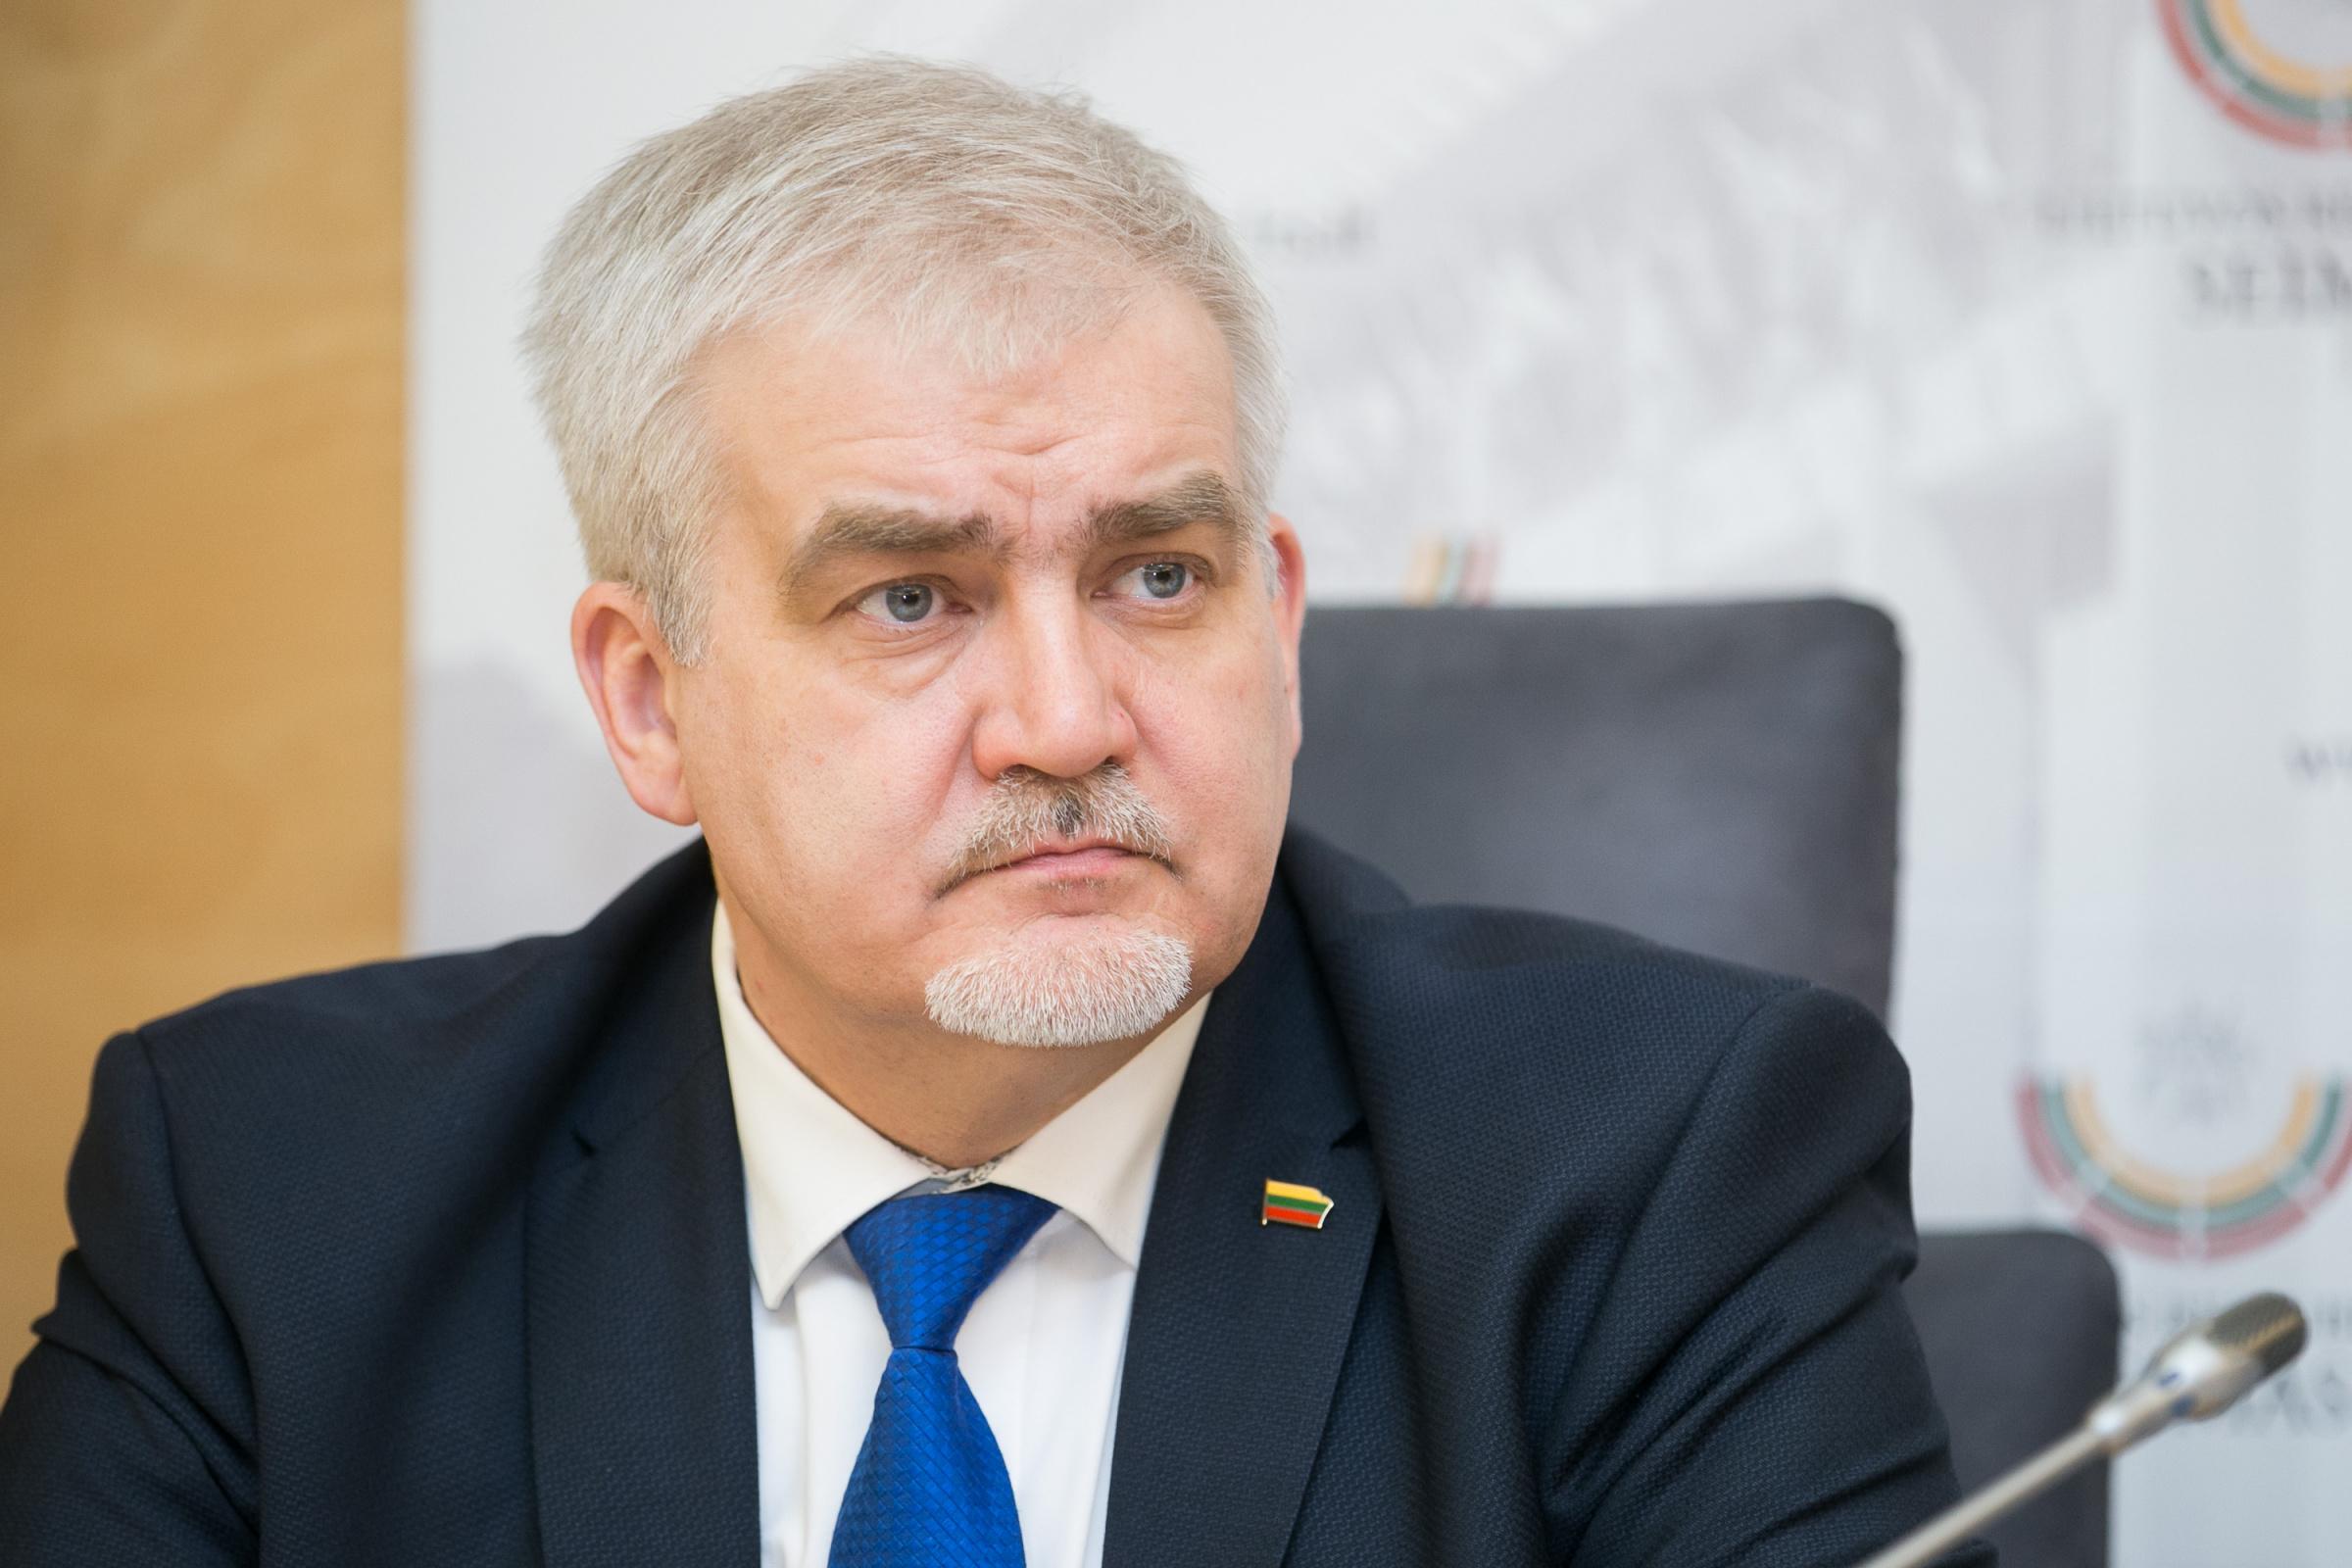 Seimo narys Darius Kaminskas, pats ilgus metus dirbęs Kėdainių ligoninėje, surinktas žinias, pasiūlymus ir problemas vežasi į Seimą. Su sveikatos apsaugos ministru jis jau aptarė, kaip gerinti gydymo įstaigų darbą. BNS nuotr.